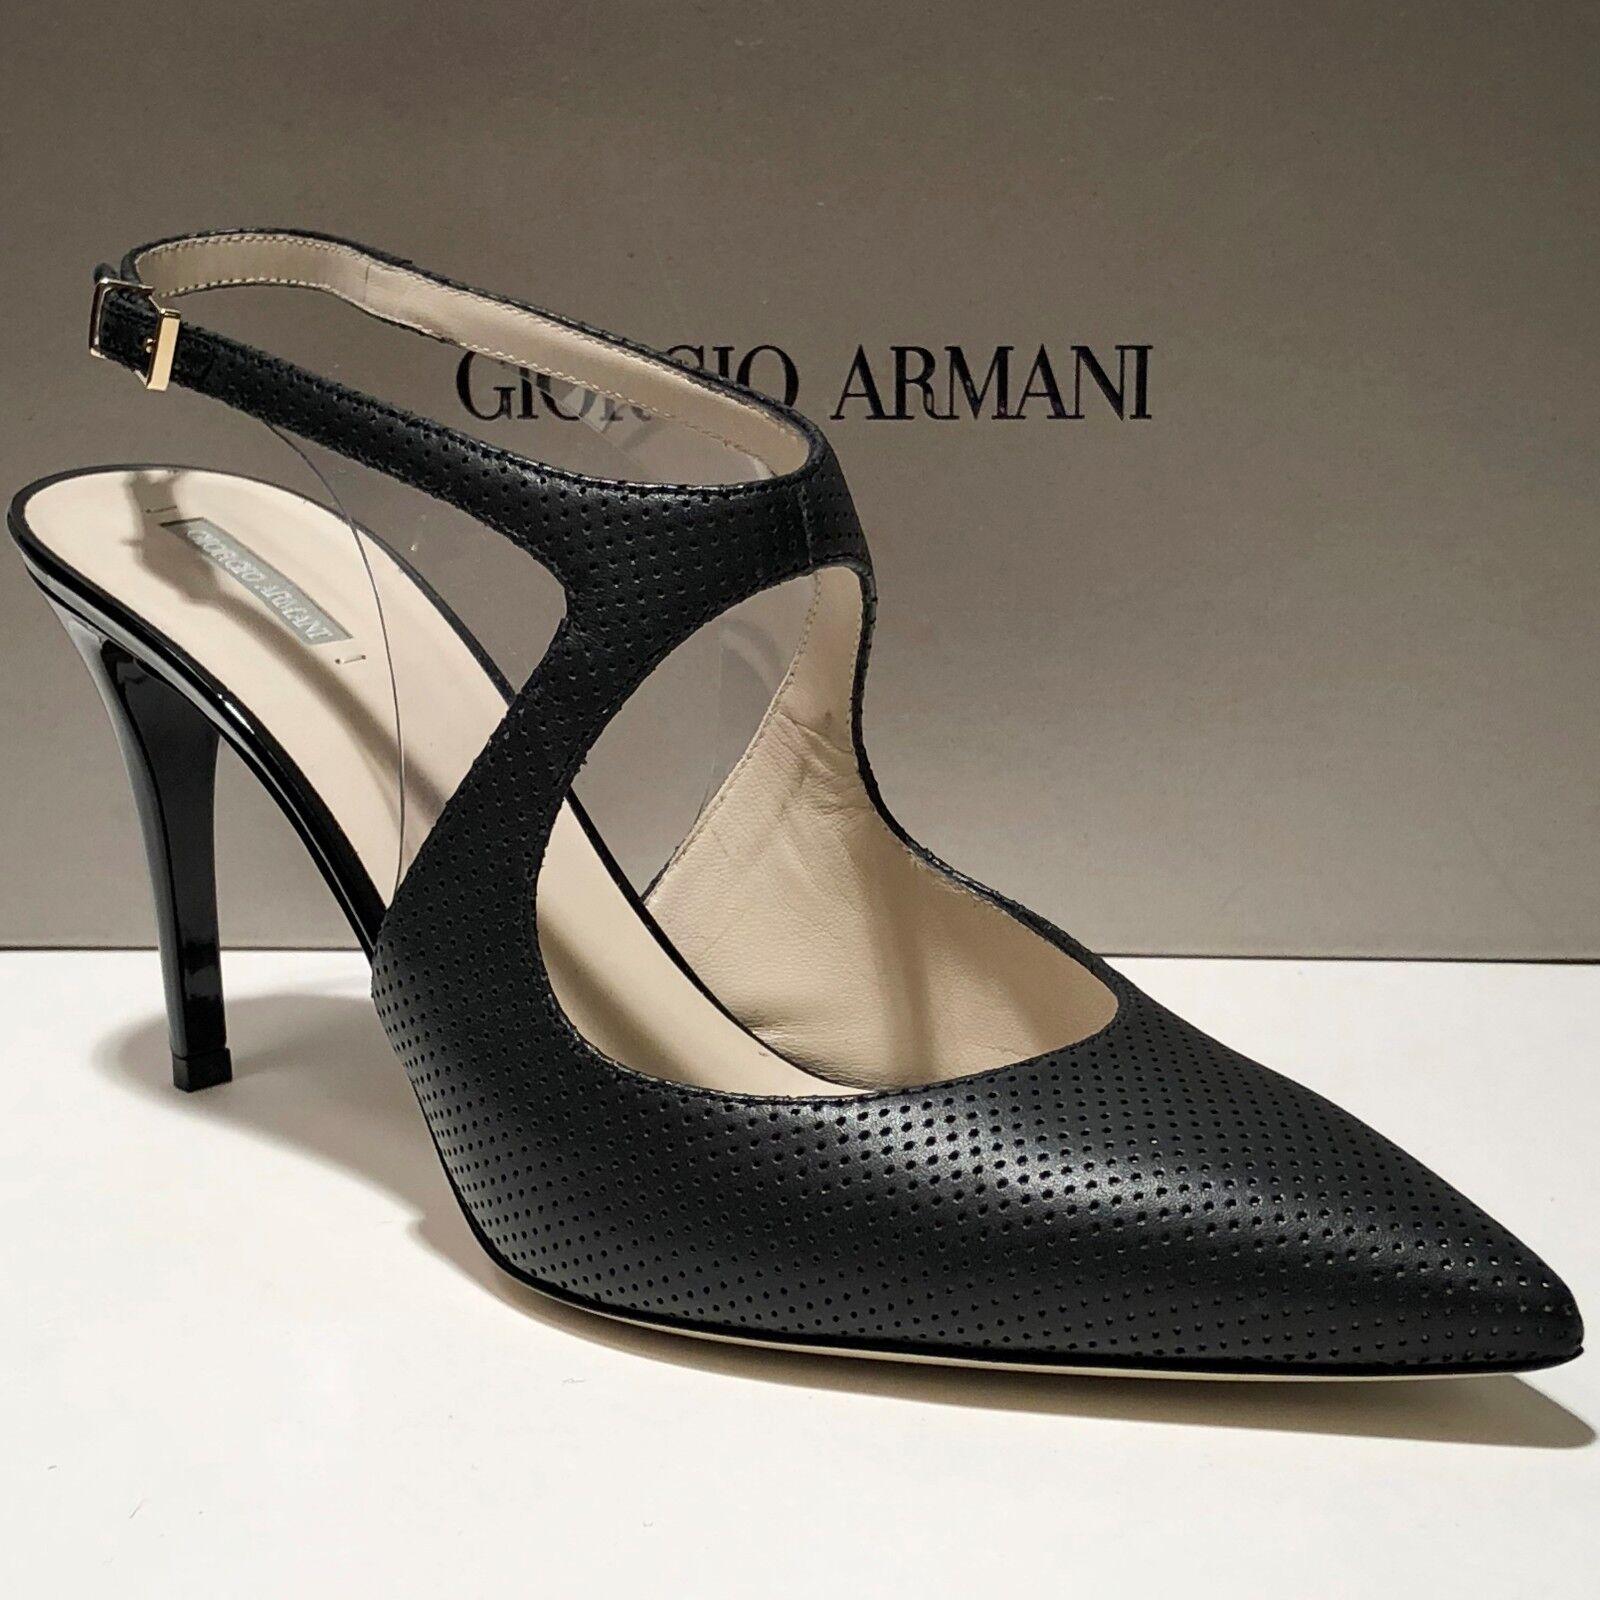 si affrettò a vedere    895 Giorgio Armani Donna  nero 10 40 Leather Fashion Ankle Strap Heels Pumps  fino al 50% di sconto